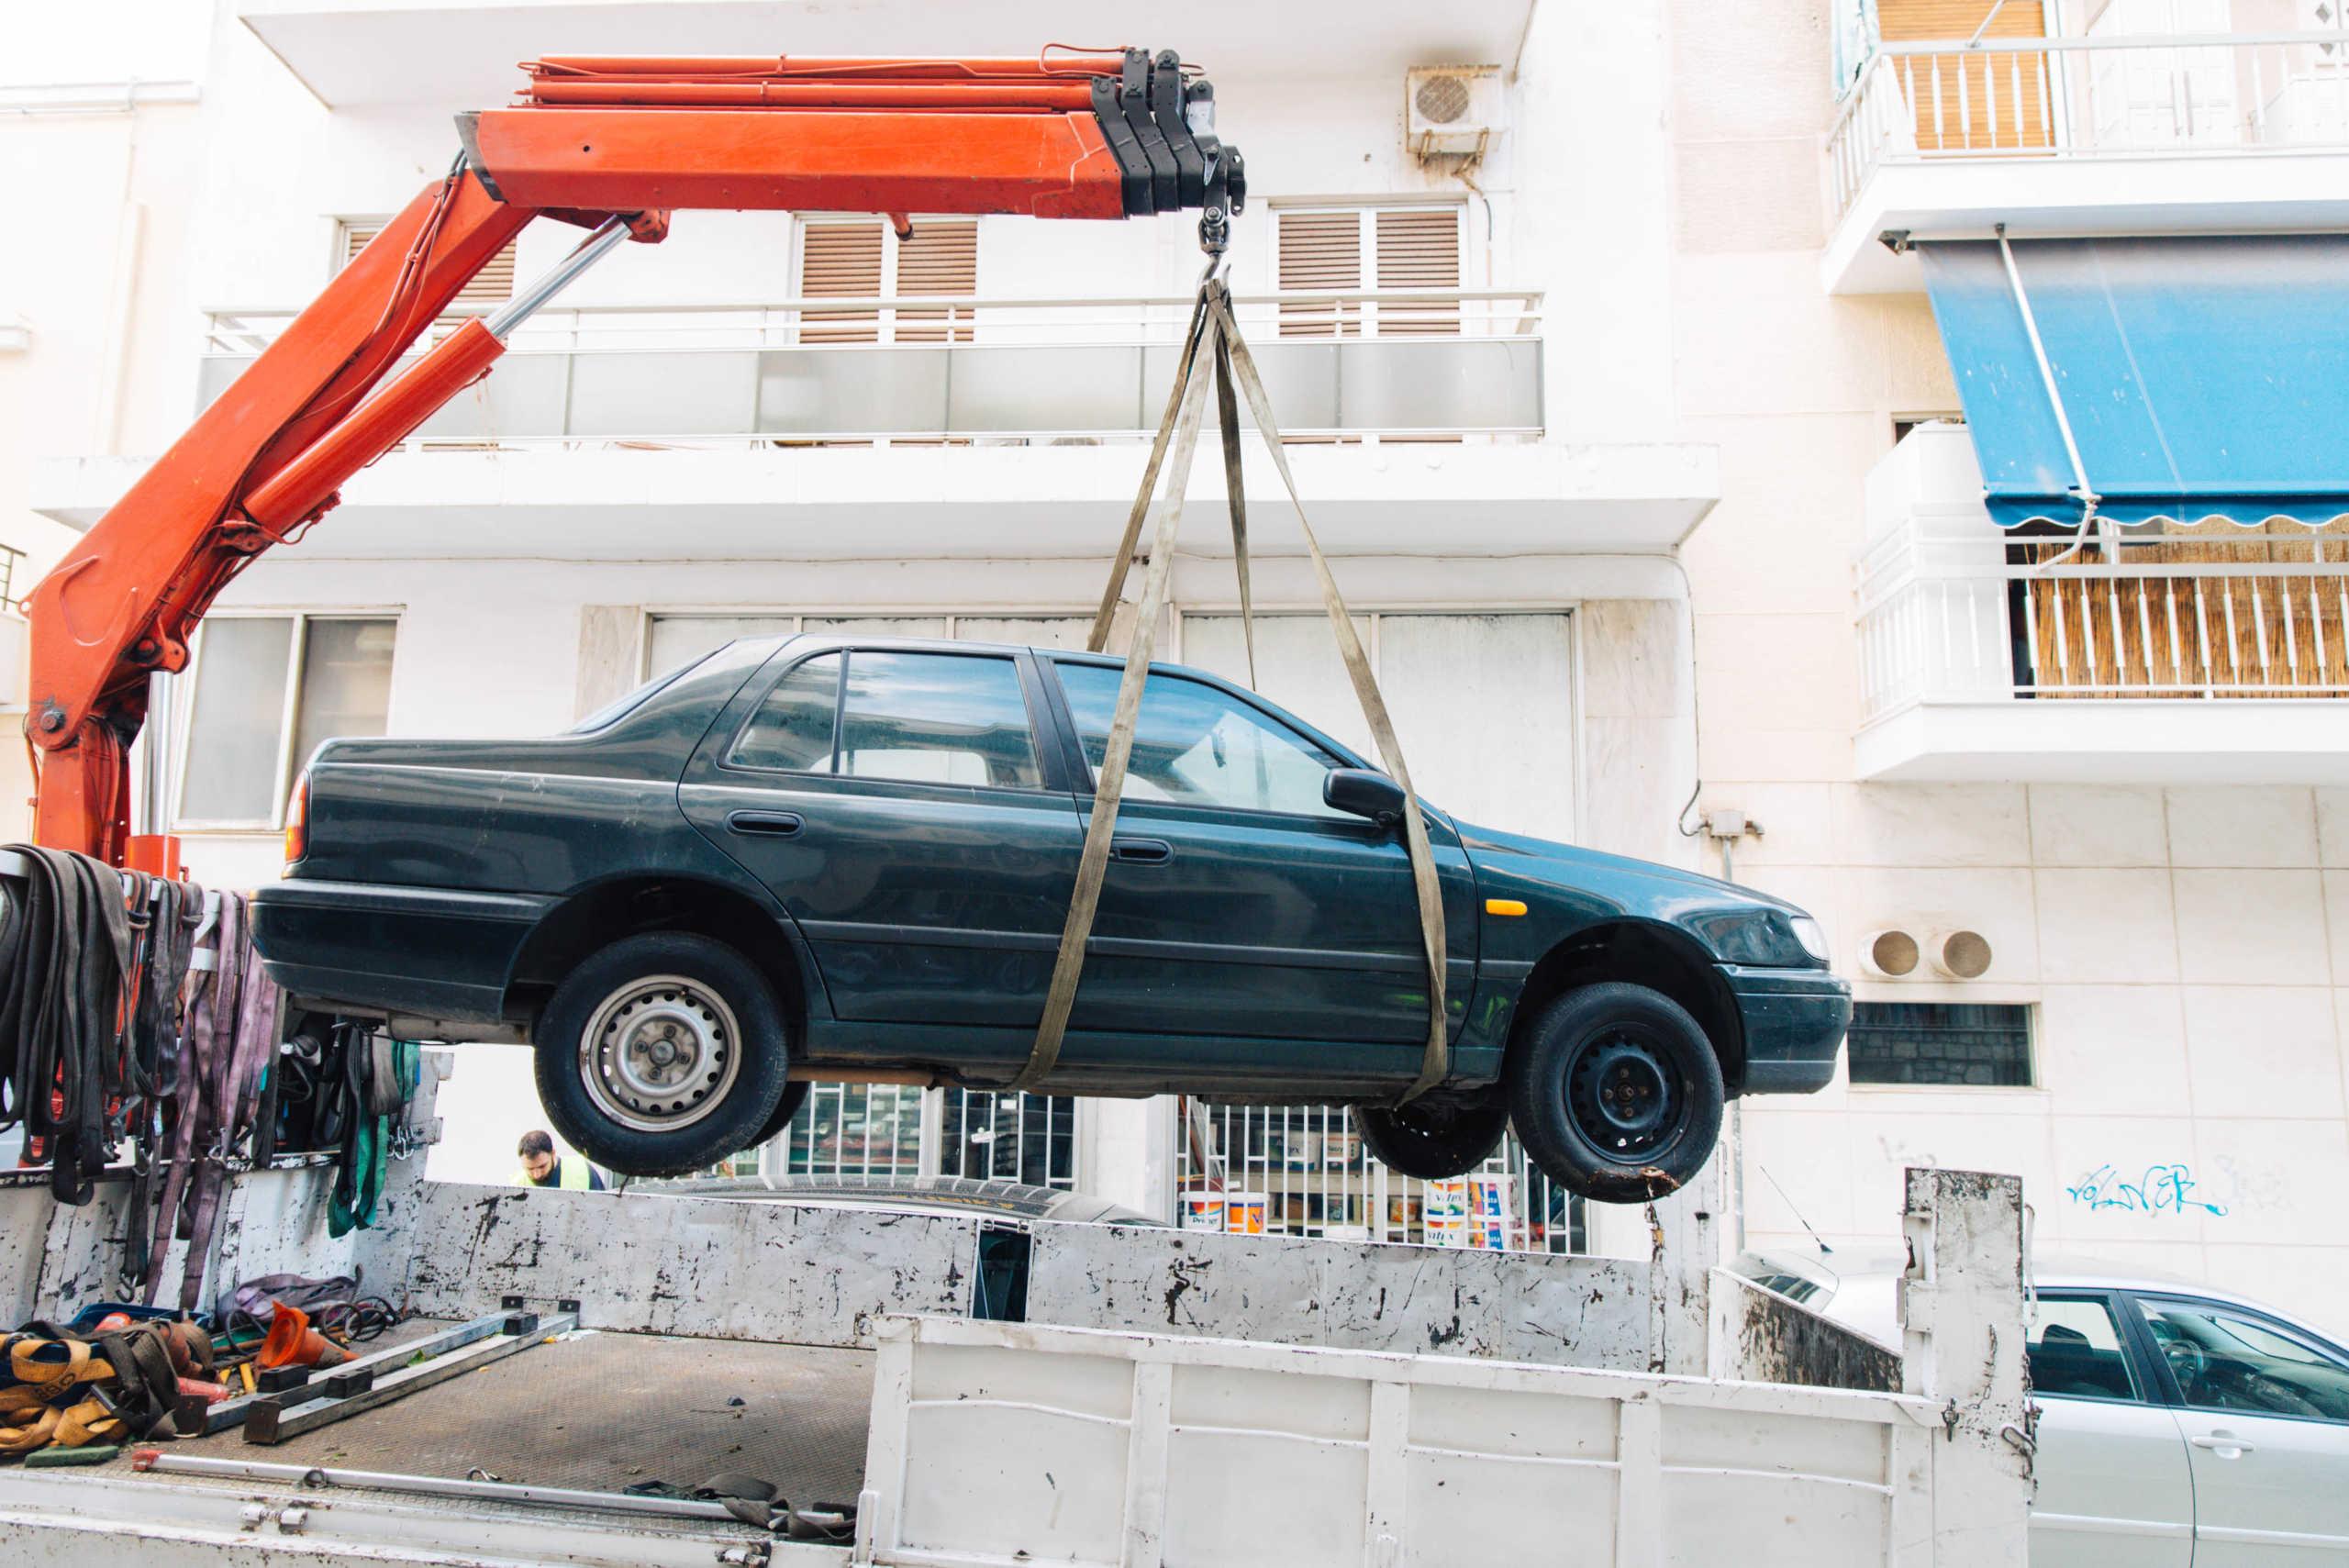 Δήμος Αθηναίων: Πάνω από 2.300 εγκαταλελειμμένα οχήματα απομακρύνθηκαν από τους δρόμους (pics)